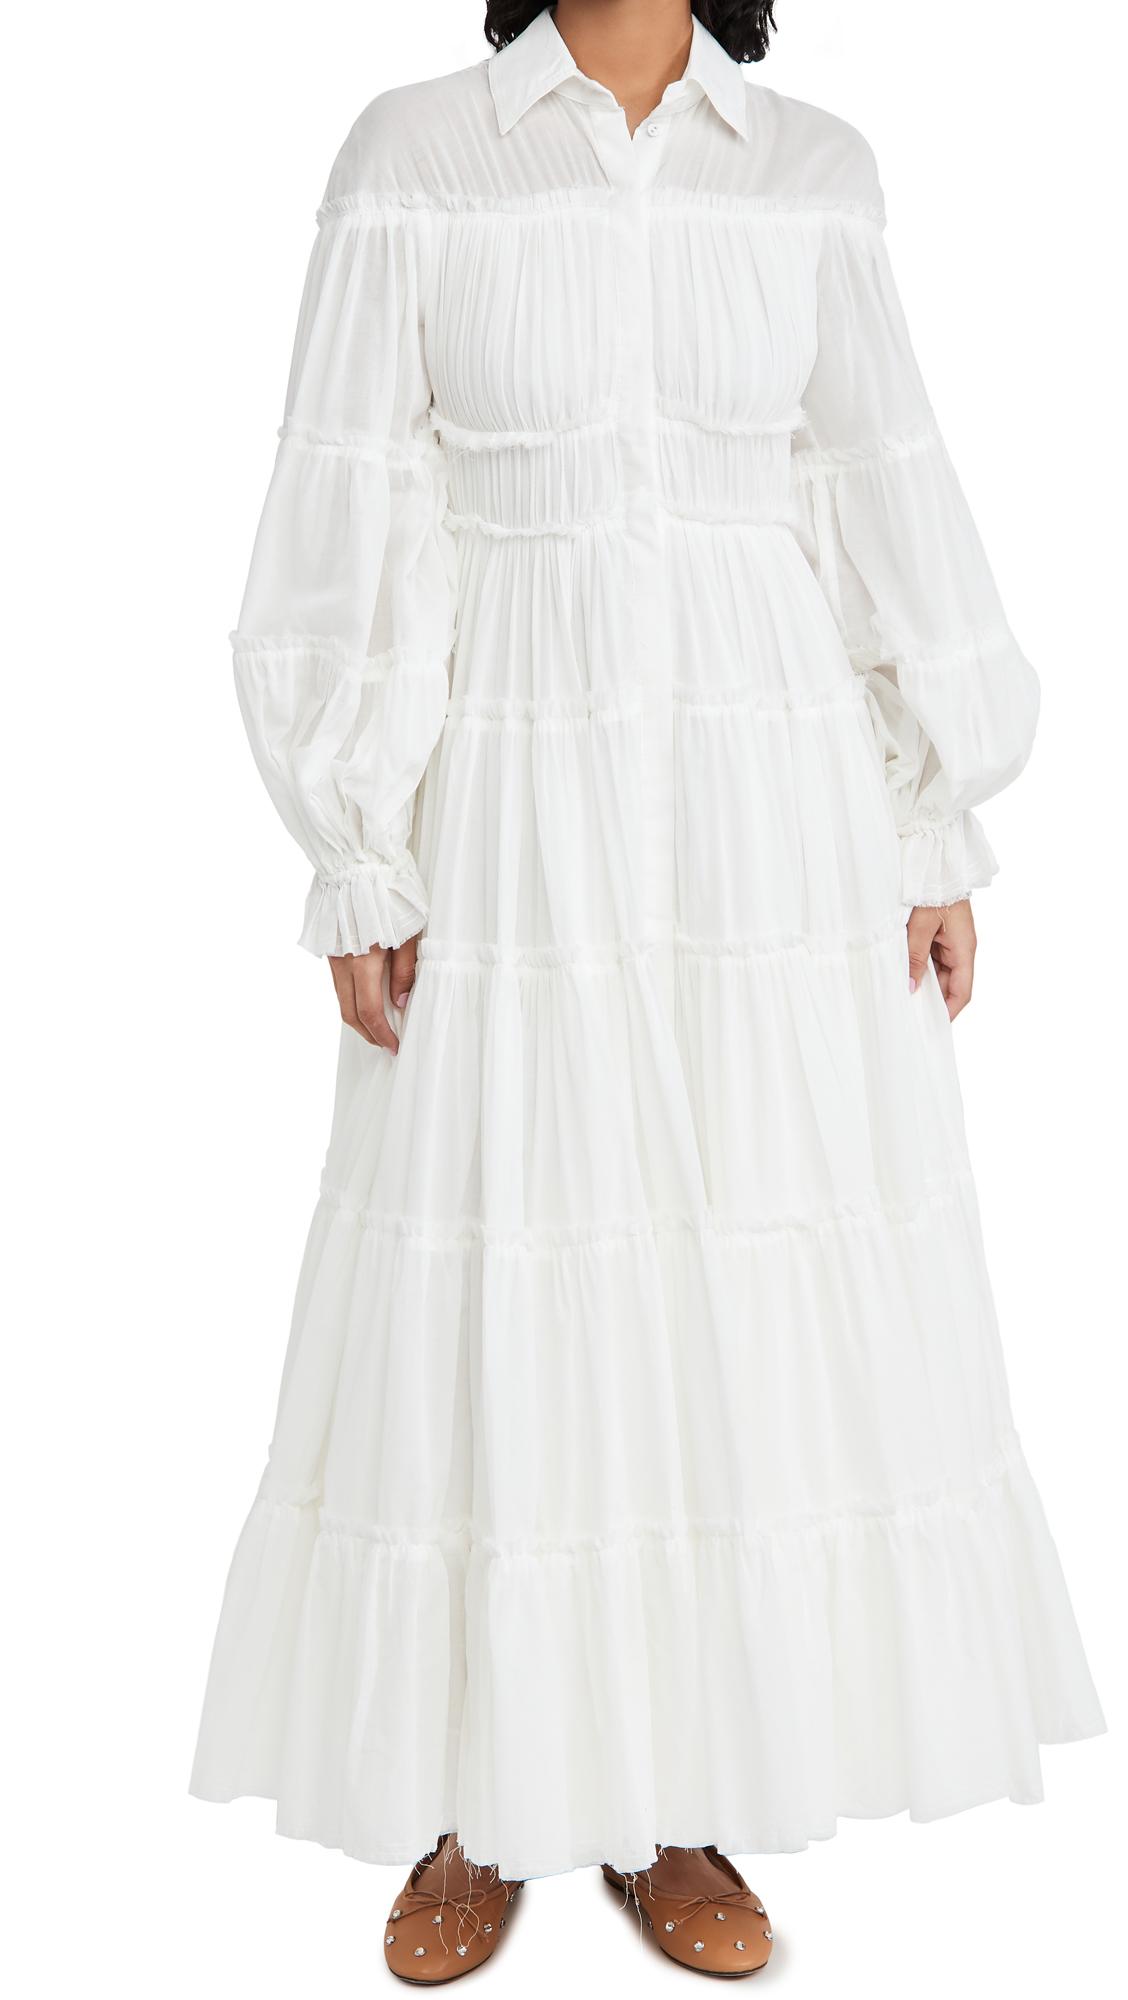 Aje Serenity Maxi Dress